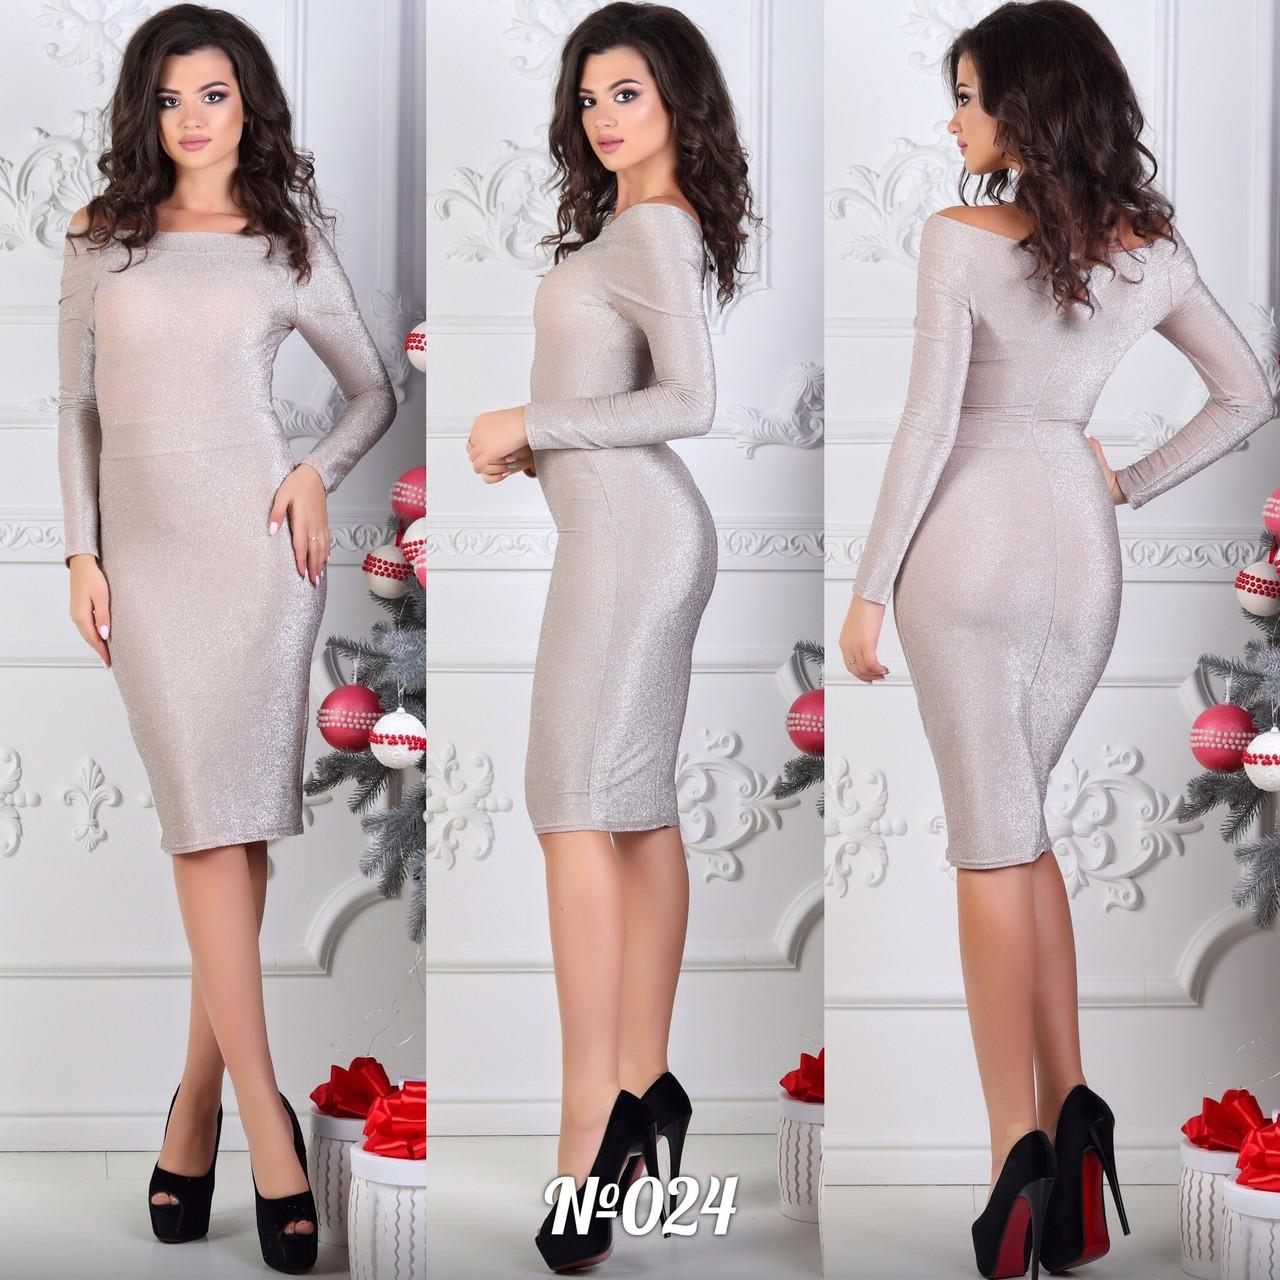 Платье нарядное в расцветках 3482  Интернет-магазин модной женской одежды  оптом и в розницу . Самые низкие цены в Украине. платья женские от